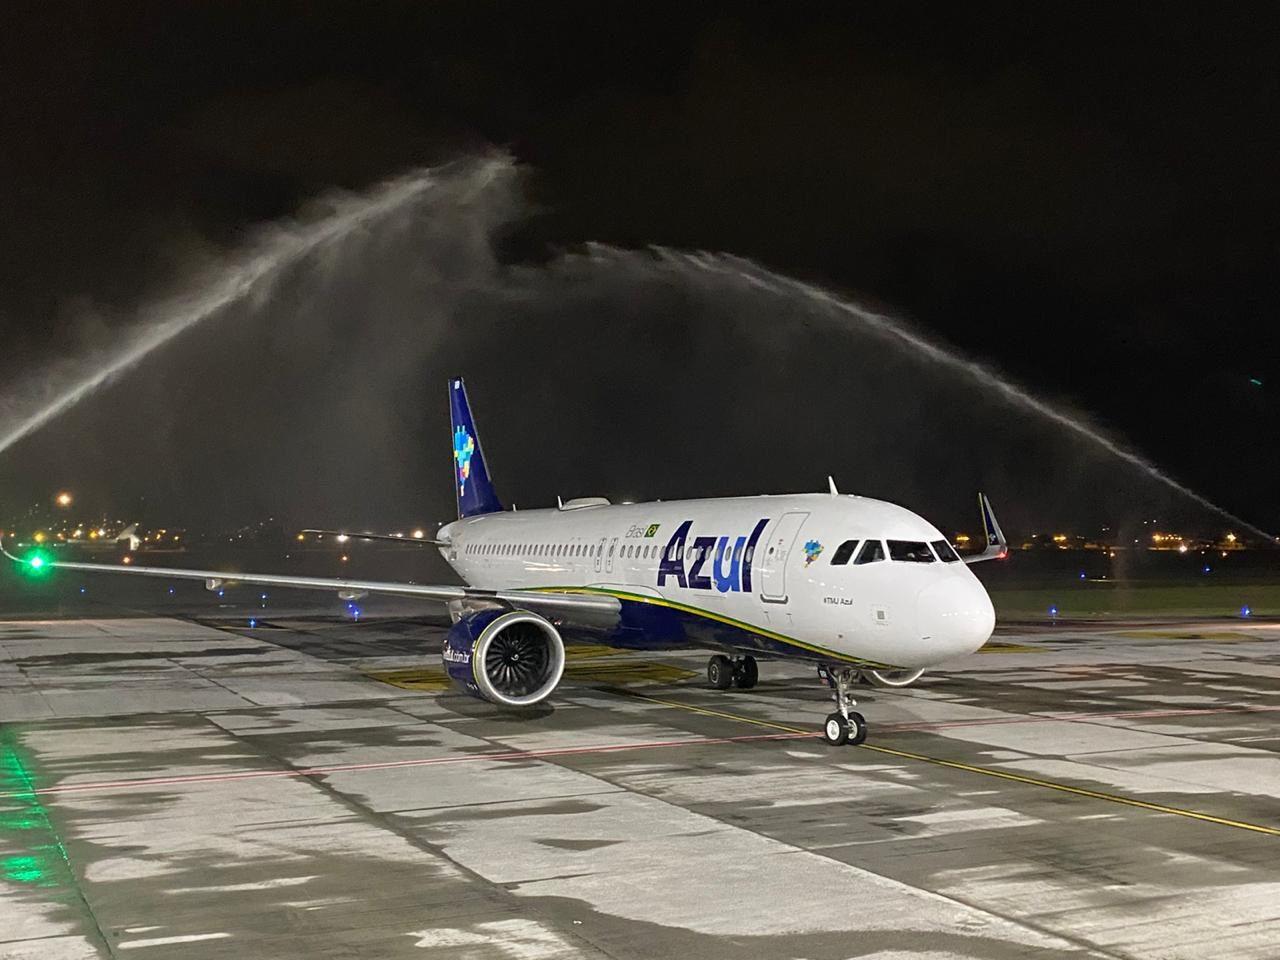 Aeroporto de Florianópolis Azul